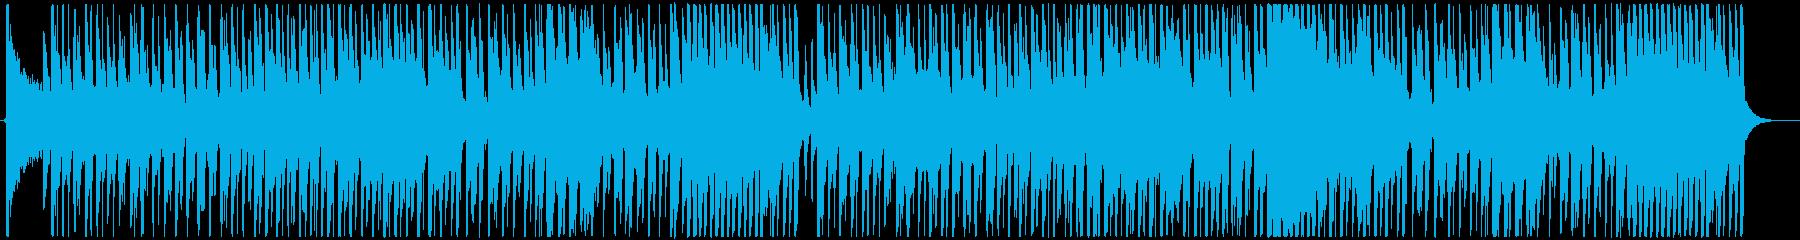 ノリの良いジャズ風味のハロウィン楽曲の再生済みの波形